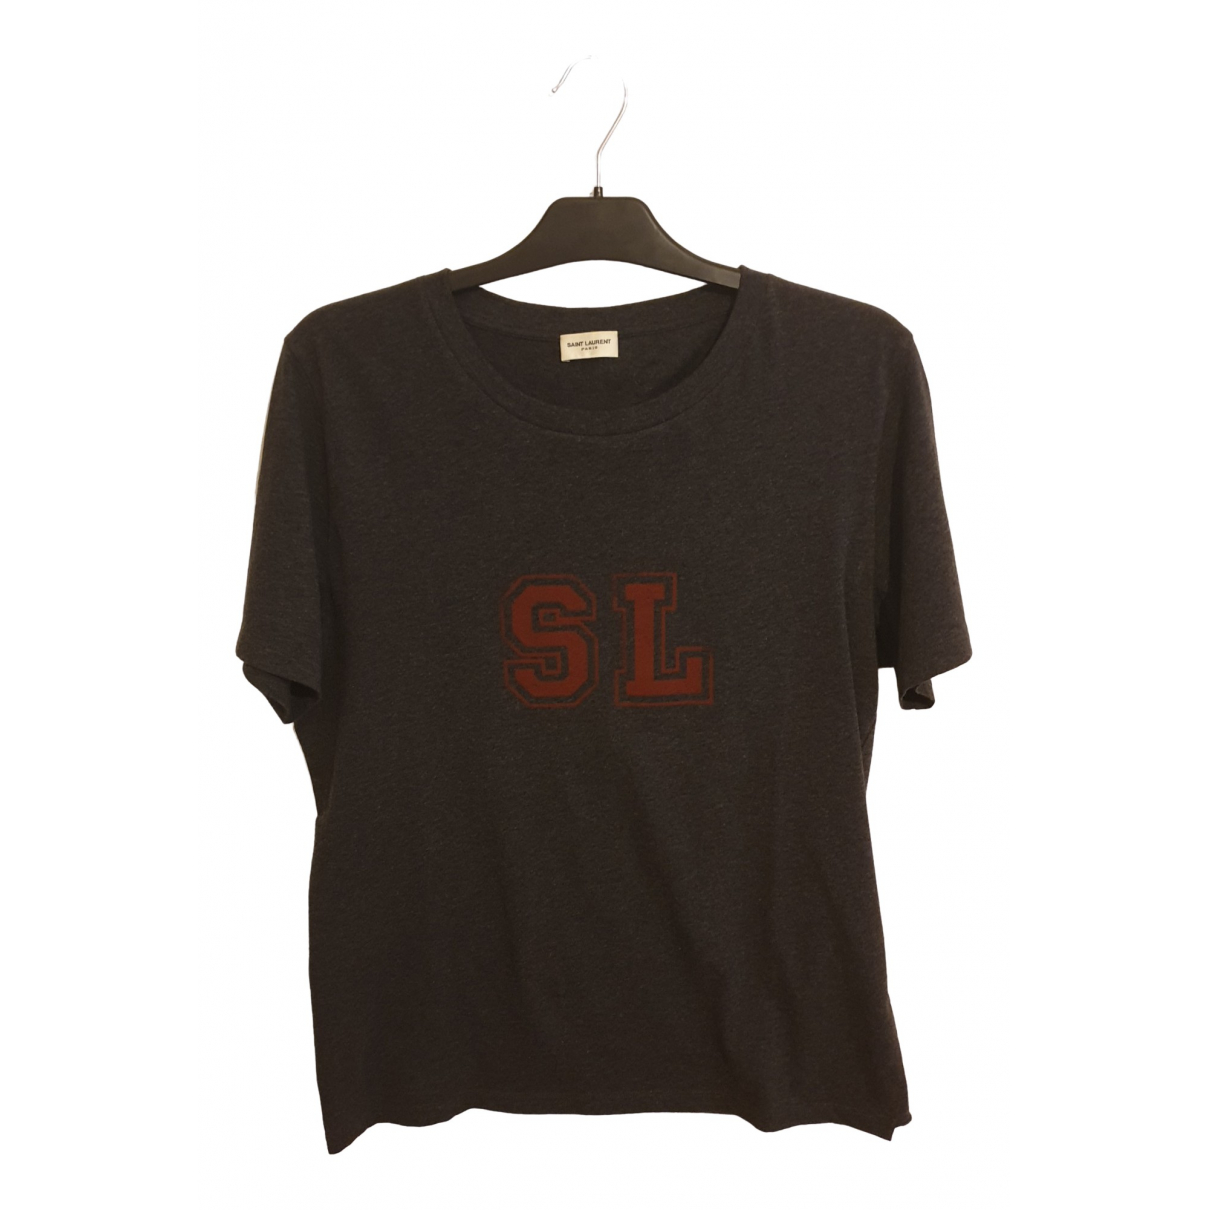 Saint Laurent - Tee shirts   pour homme en coton - gris